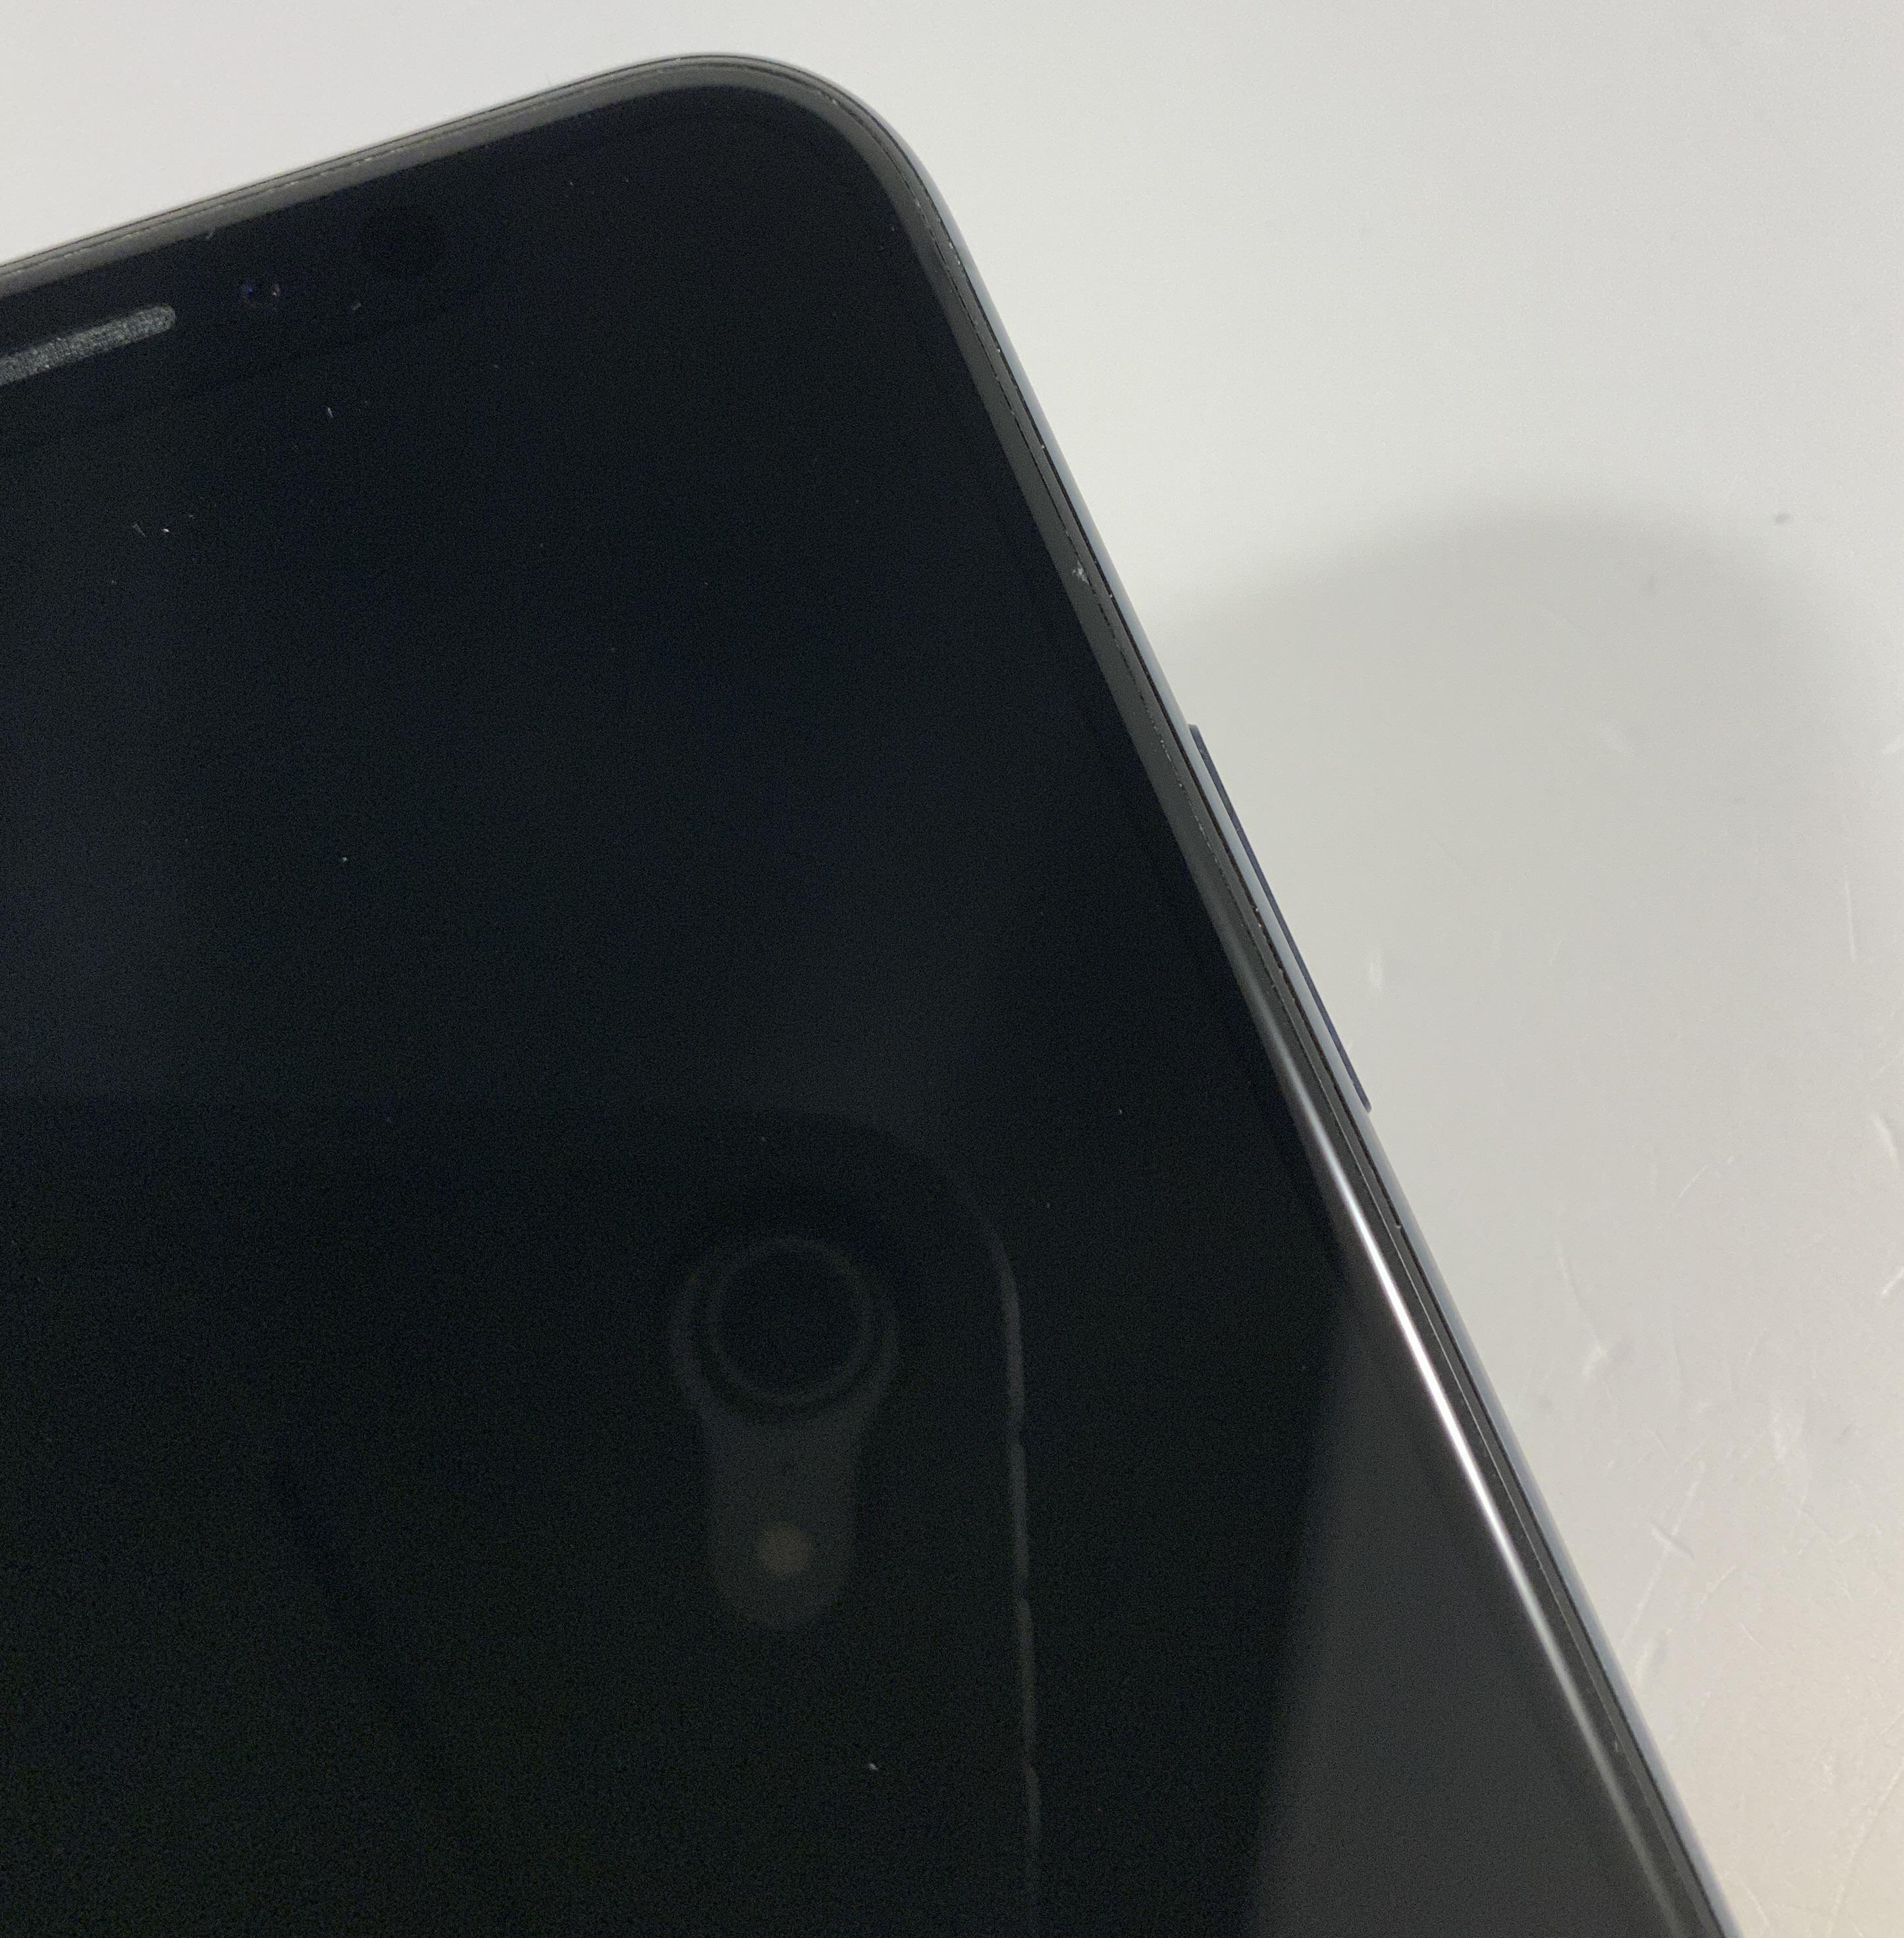 iPhone 11 Pro 64GB, 64GB, Midnight Green, immagine 3